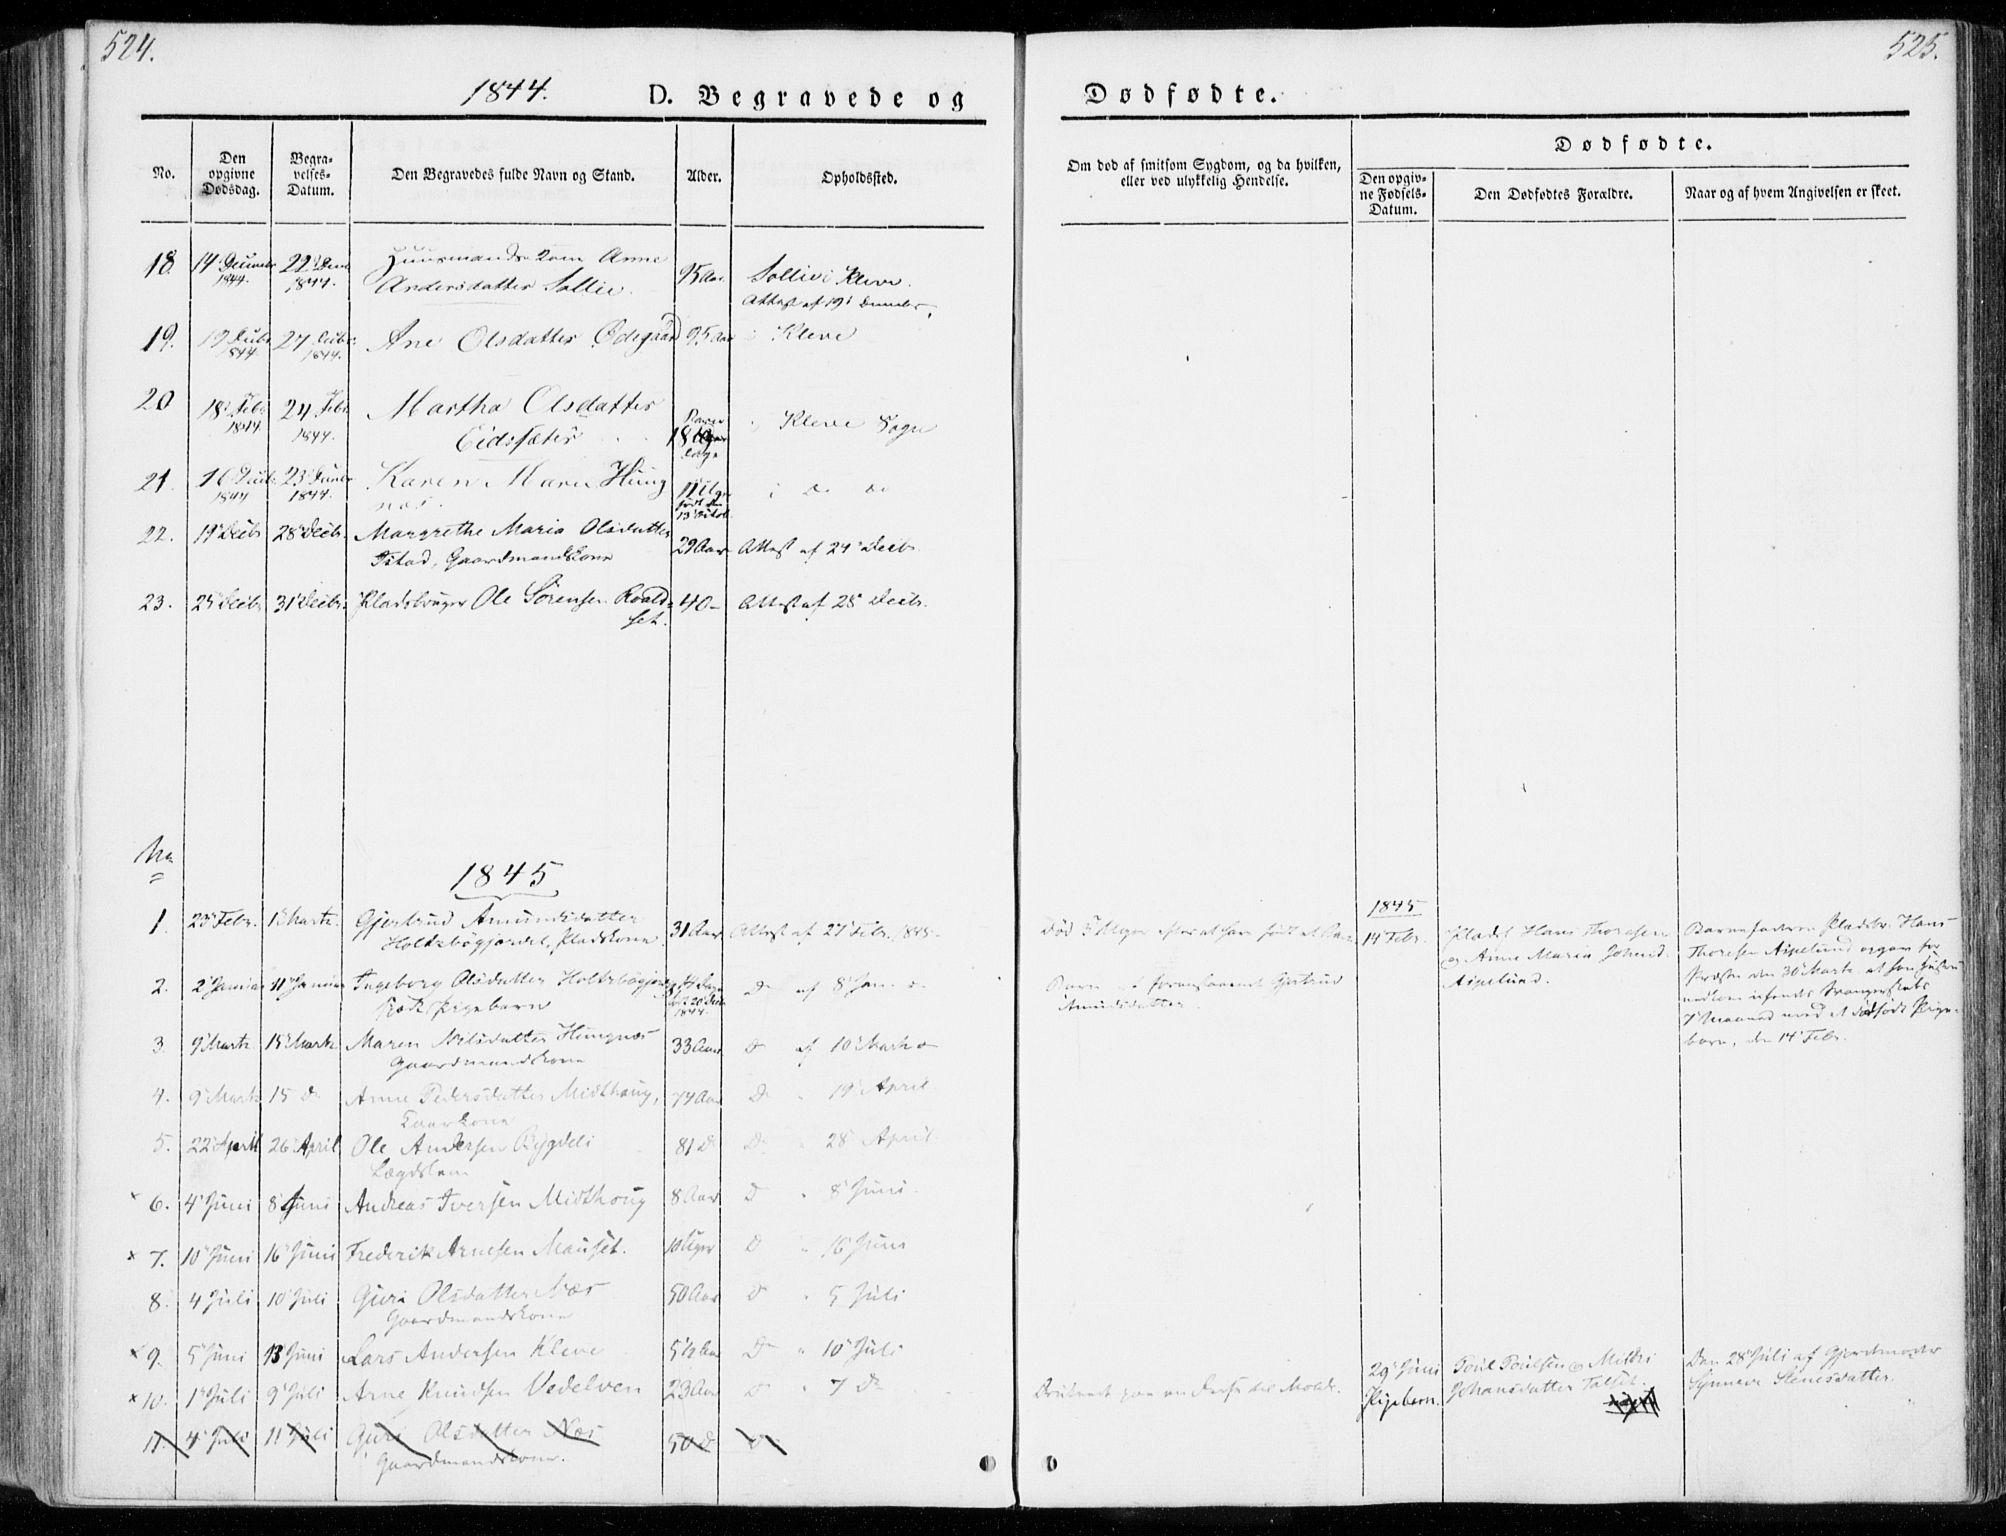 SAT, Ministerialprotokoller, klokkerbøker og fødselsregistre - Møre og Romsdal, 557/L0680: Ministerialbok nr. 557A02, 1843-1869, s. 524-525